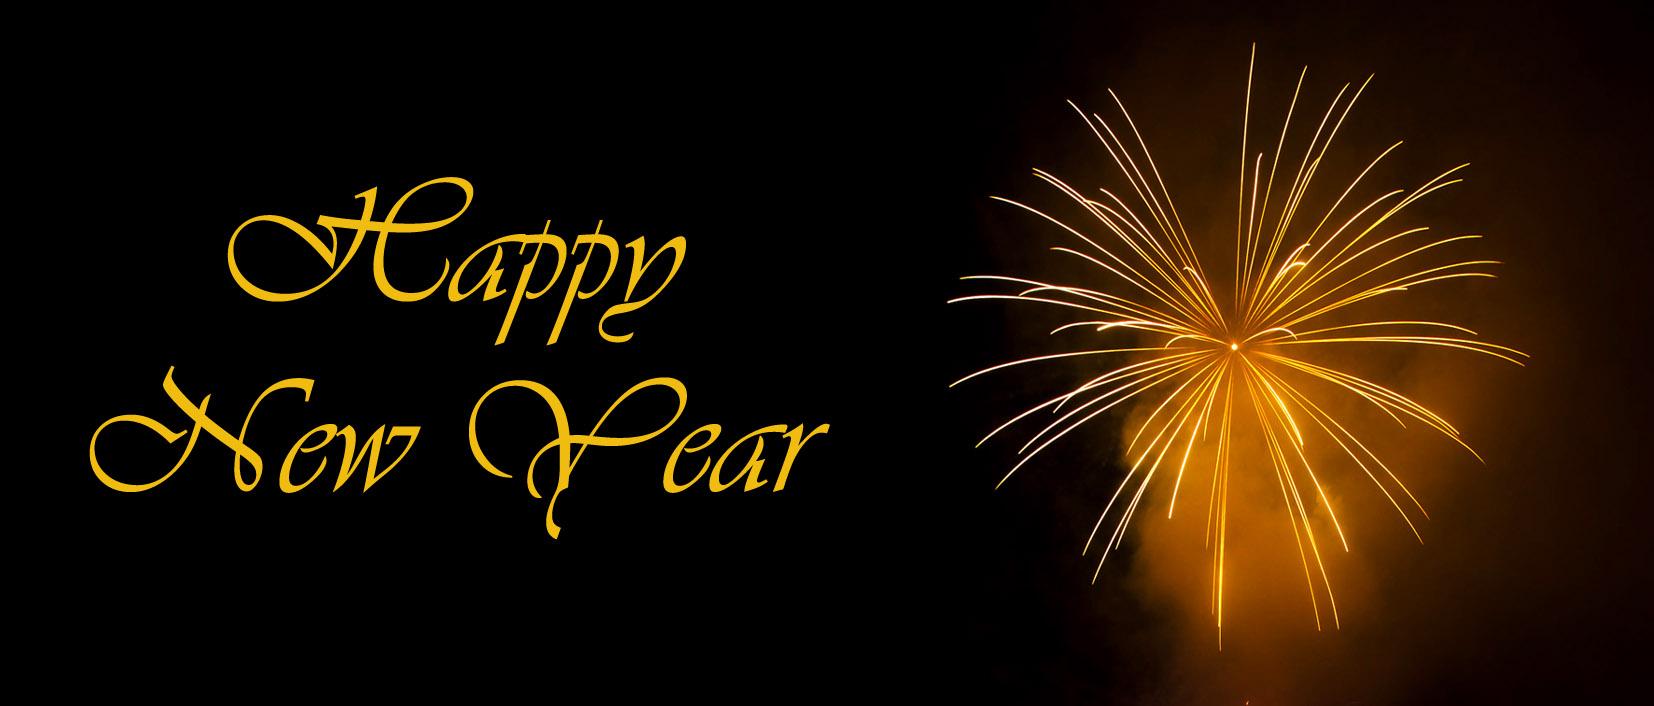 Ảnh bìa chúc mừng năm mới đẹp (2)